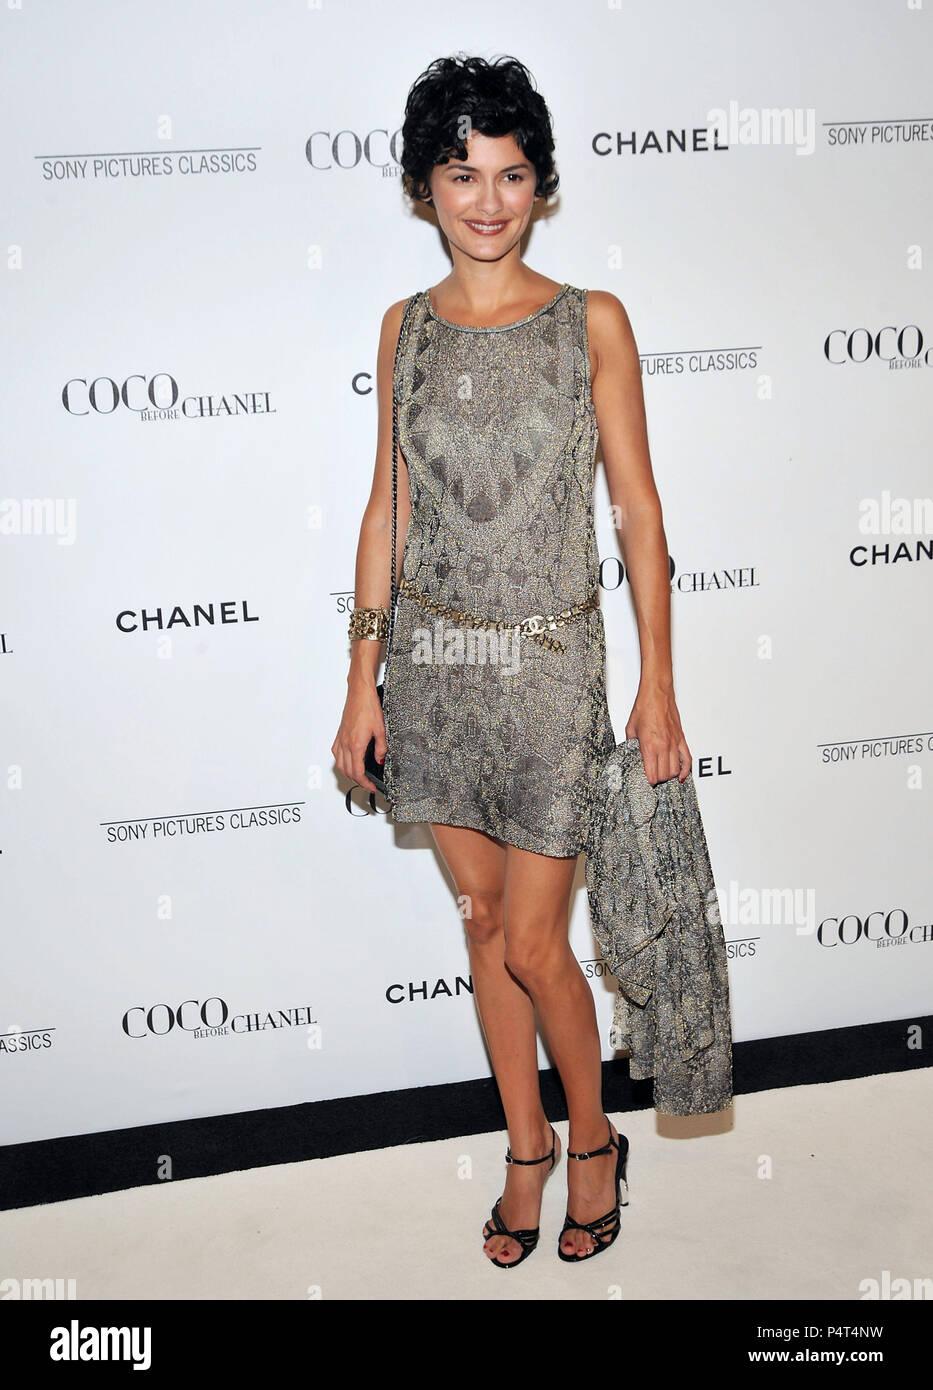 Audrey Tautou - Coco avant Chanel After Party à la Coco Chanel Boutique à  Los Angeles 372b5886943